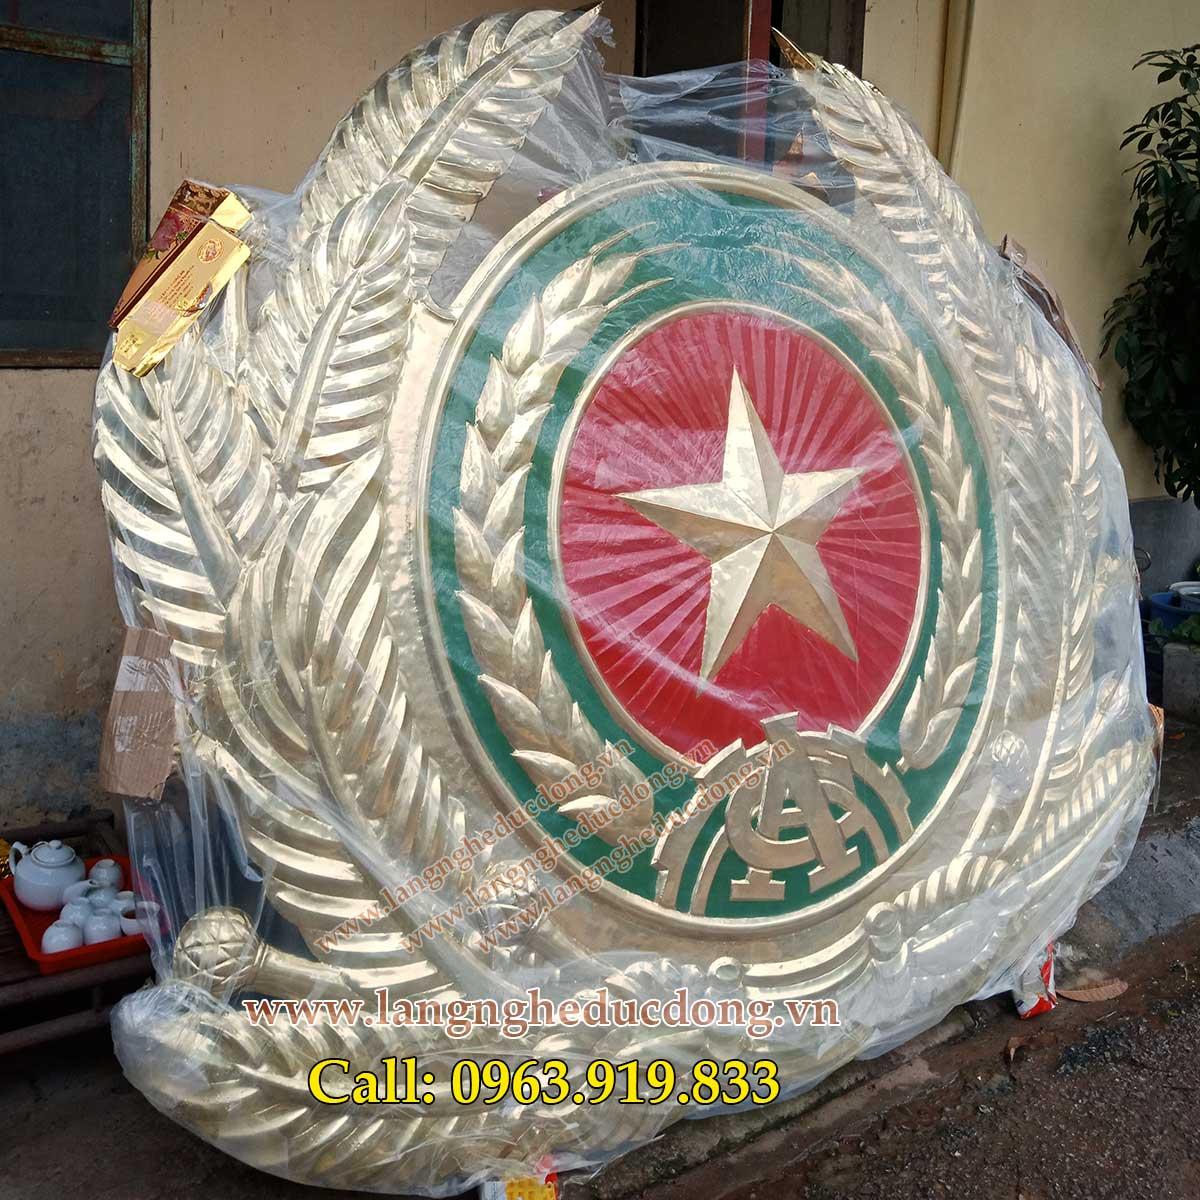 huy hiệu, quốc huy, logo các ngành bằng đồng thúc nổi